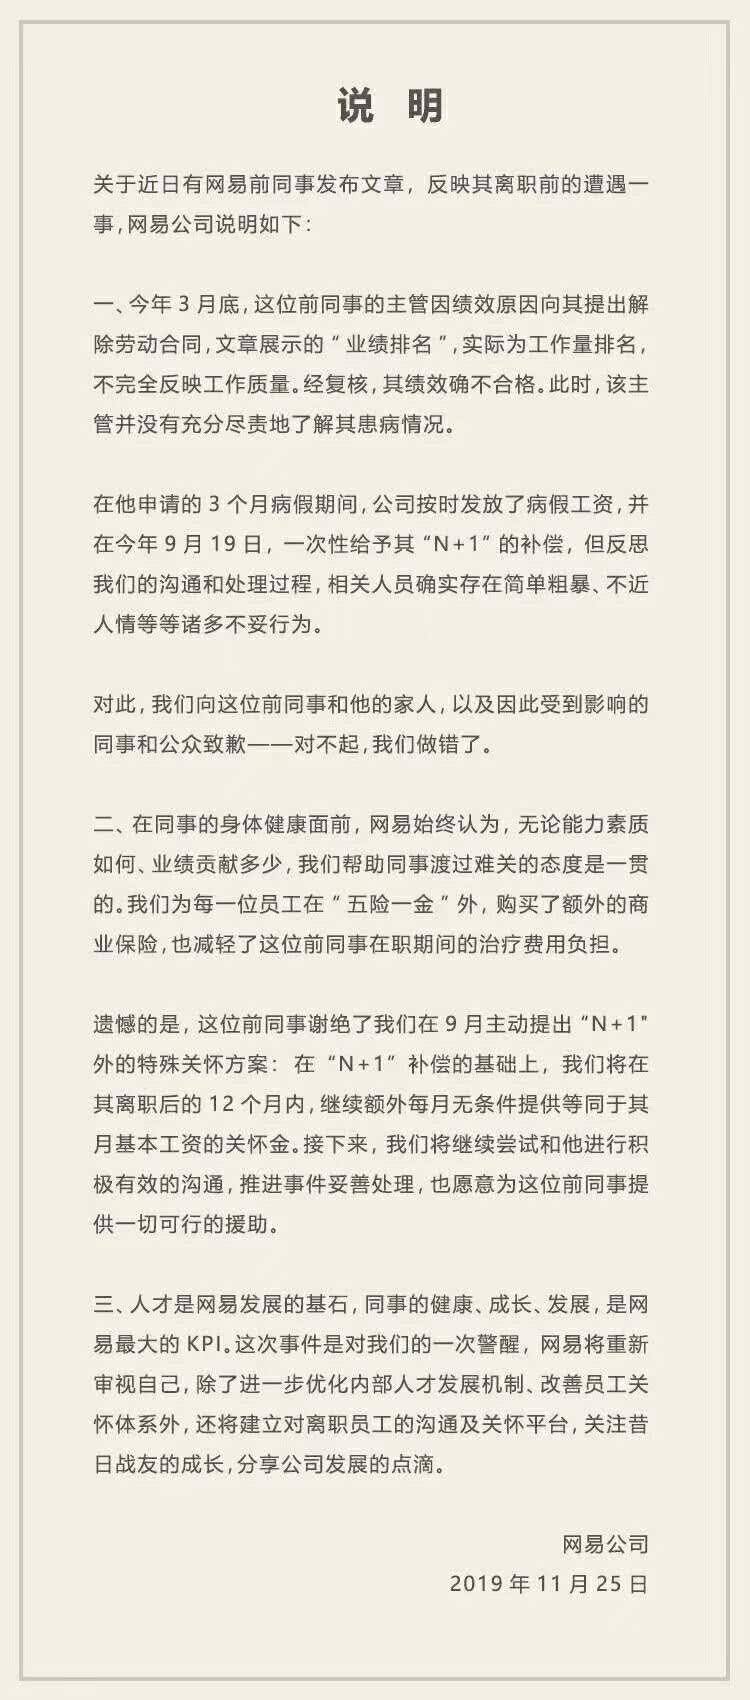 网易暴力裁员后,刘强东强硬表态,获得怒赞!